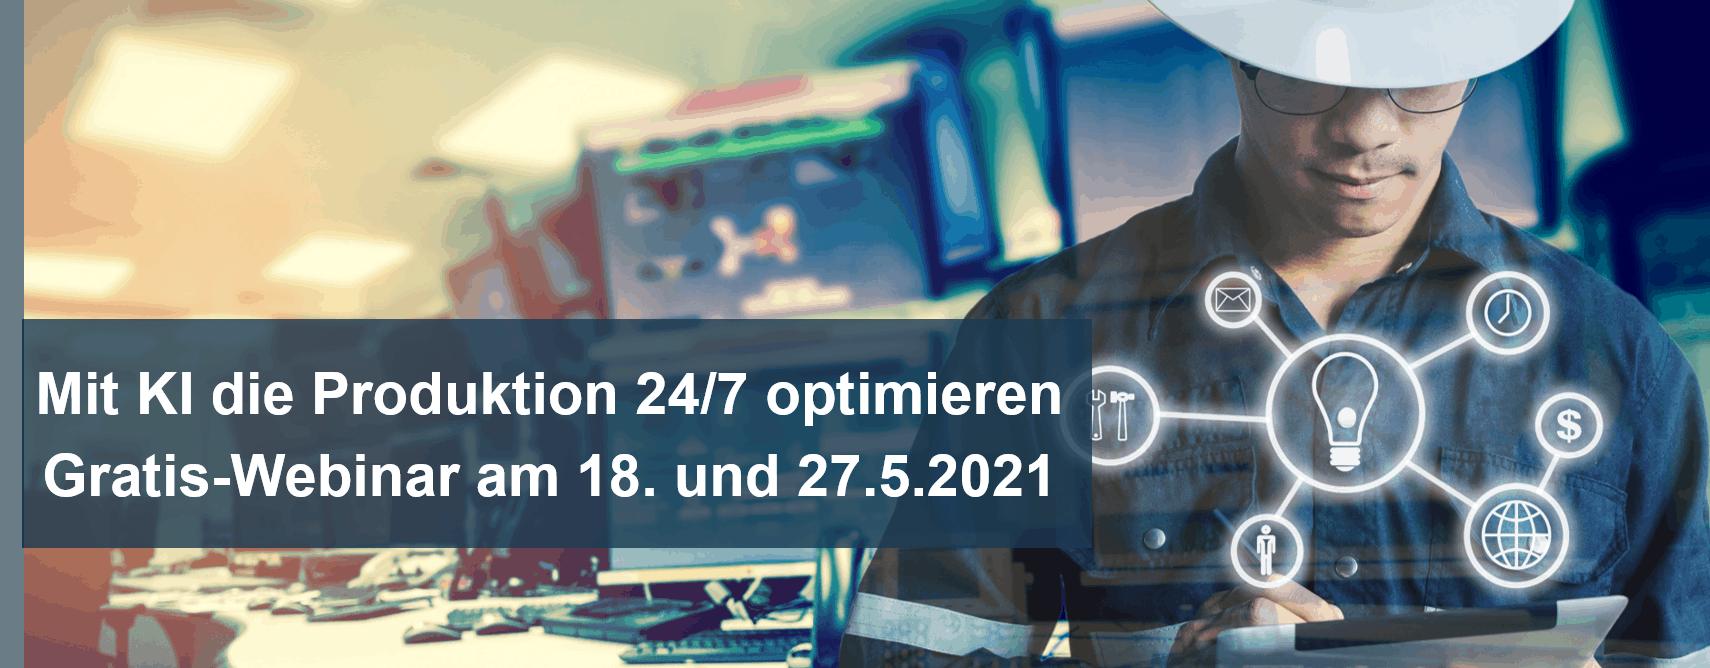 Mit KI die Produktion 24/7 optimieren – Gratis-Webinar zur Produktionsunterstützung